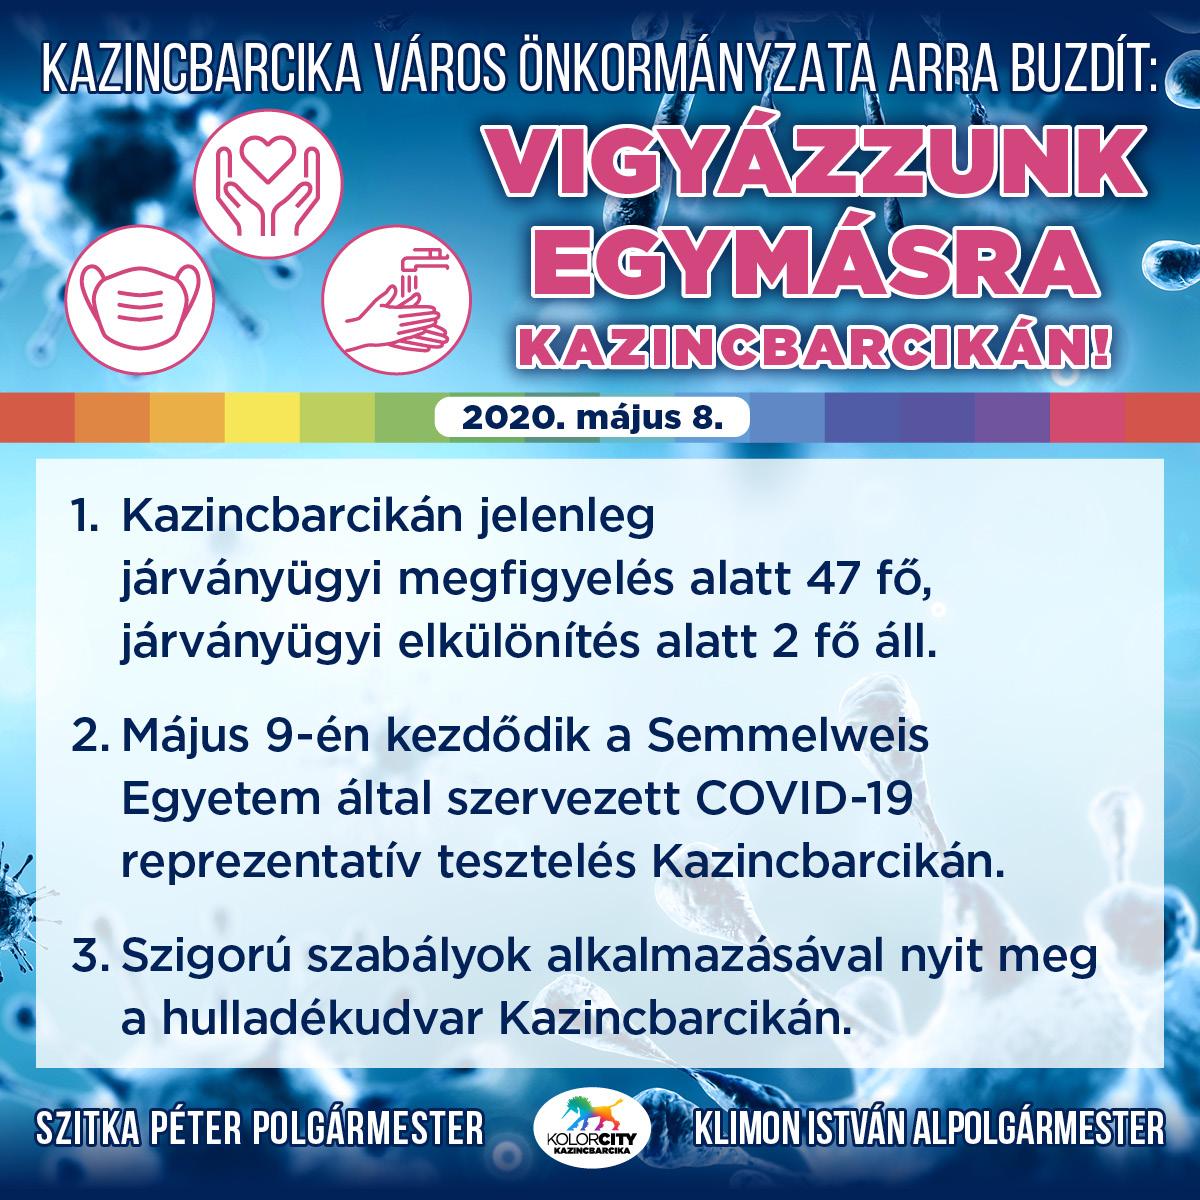 https://kolorline.hu/Kazincbarcika Város Önkormányzata arra buzdít: Vigyázzunk egymásra Kazincbarcikán! – 2020. május 8.